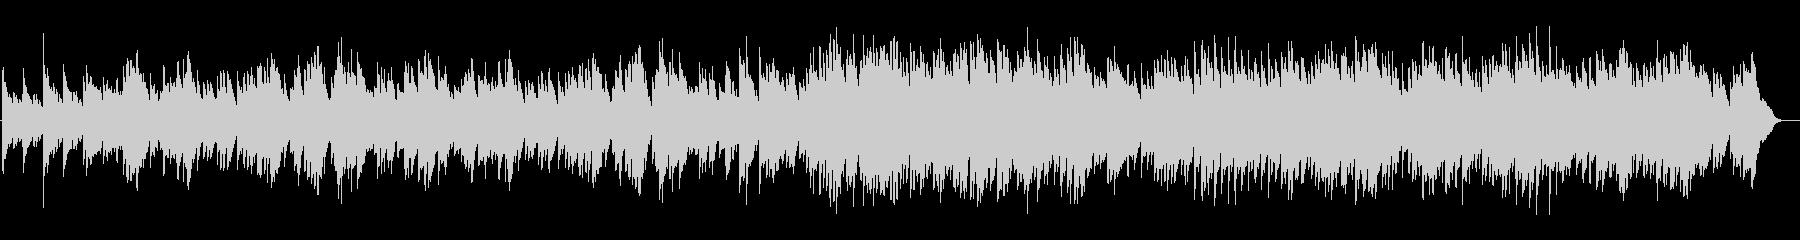 センチメンタルな感じのピアノインストの未再生の波形